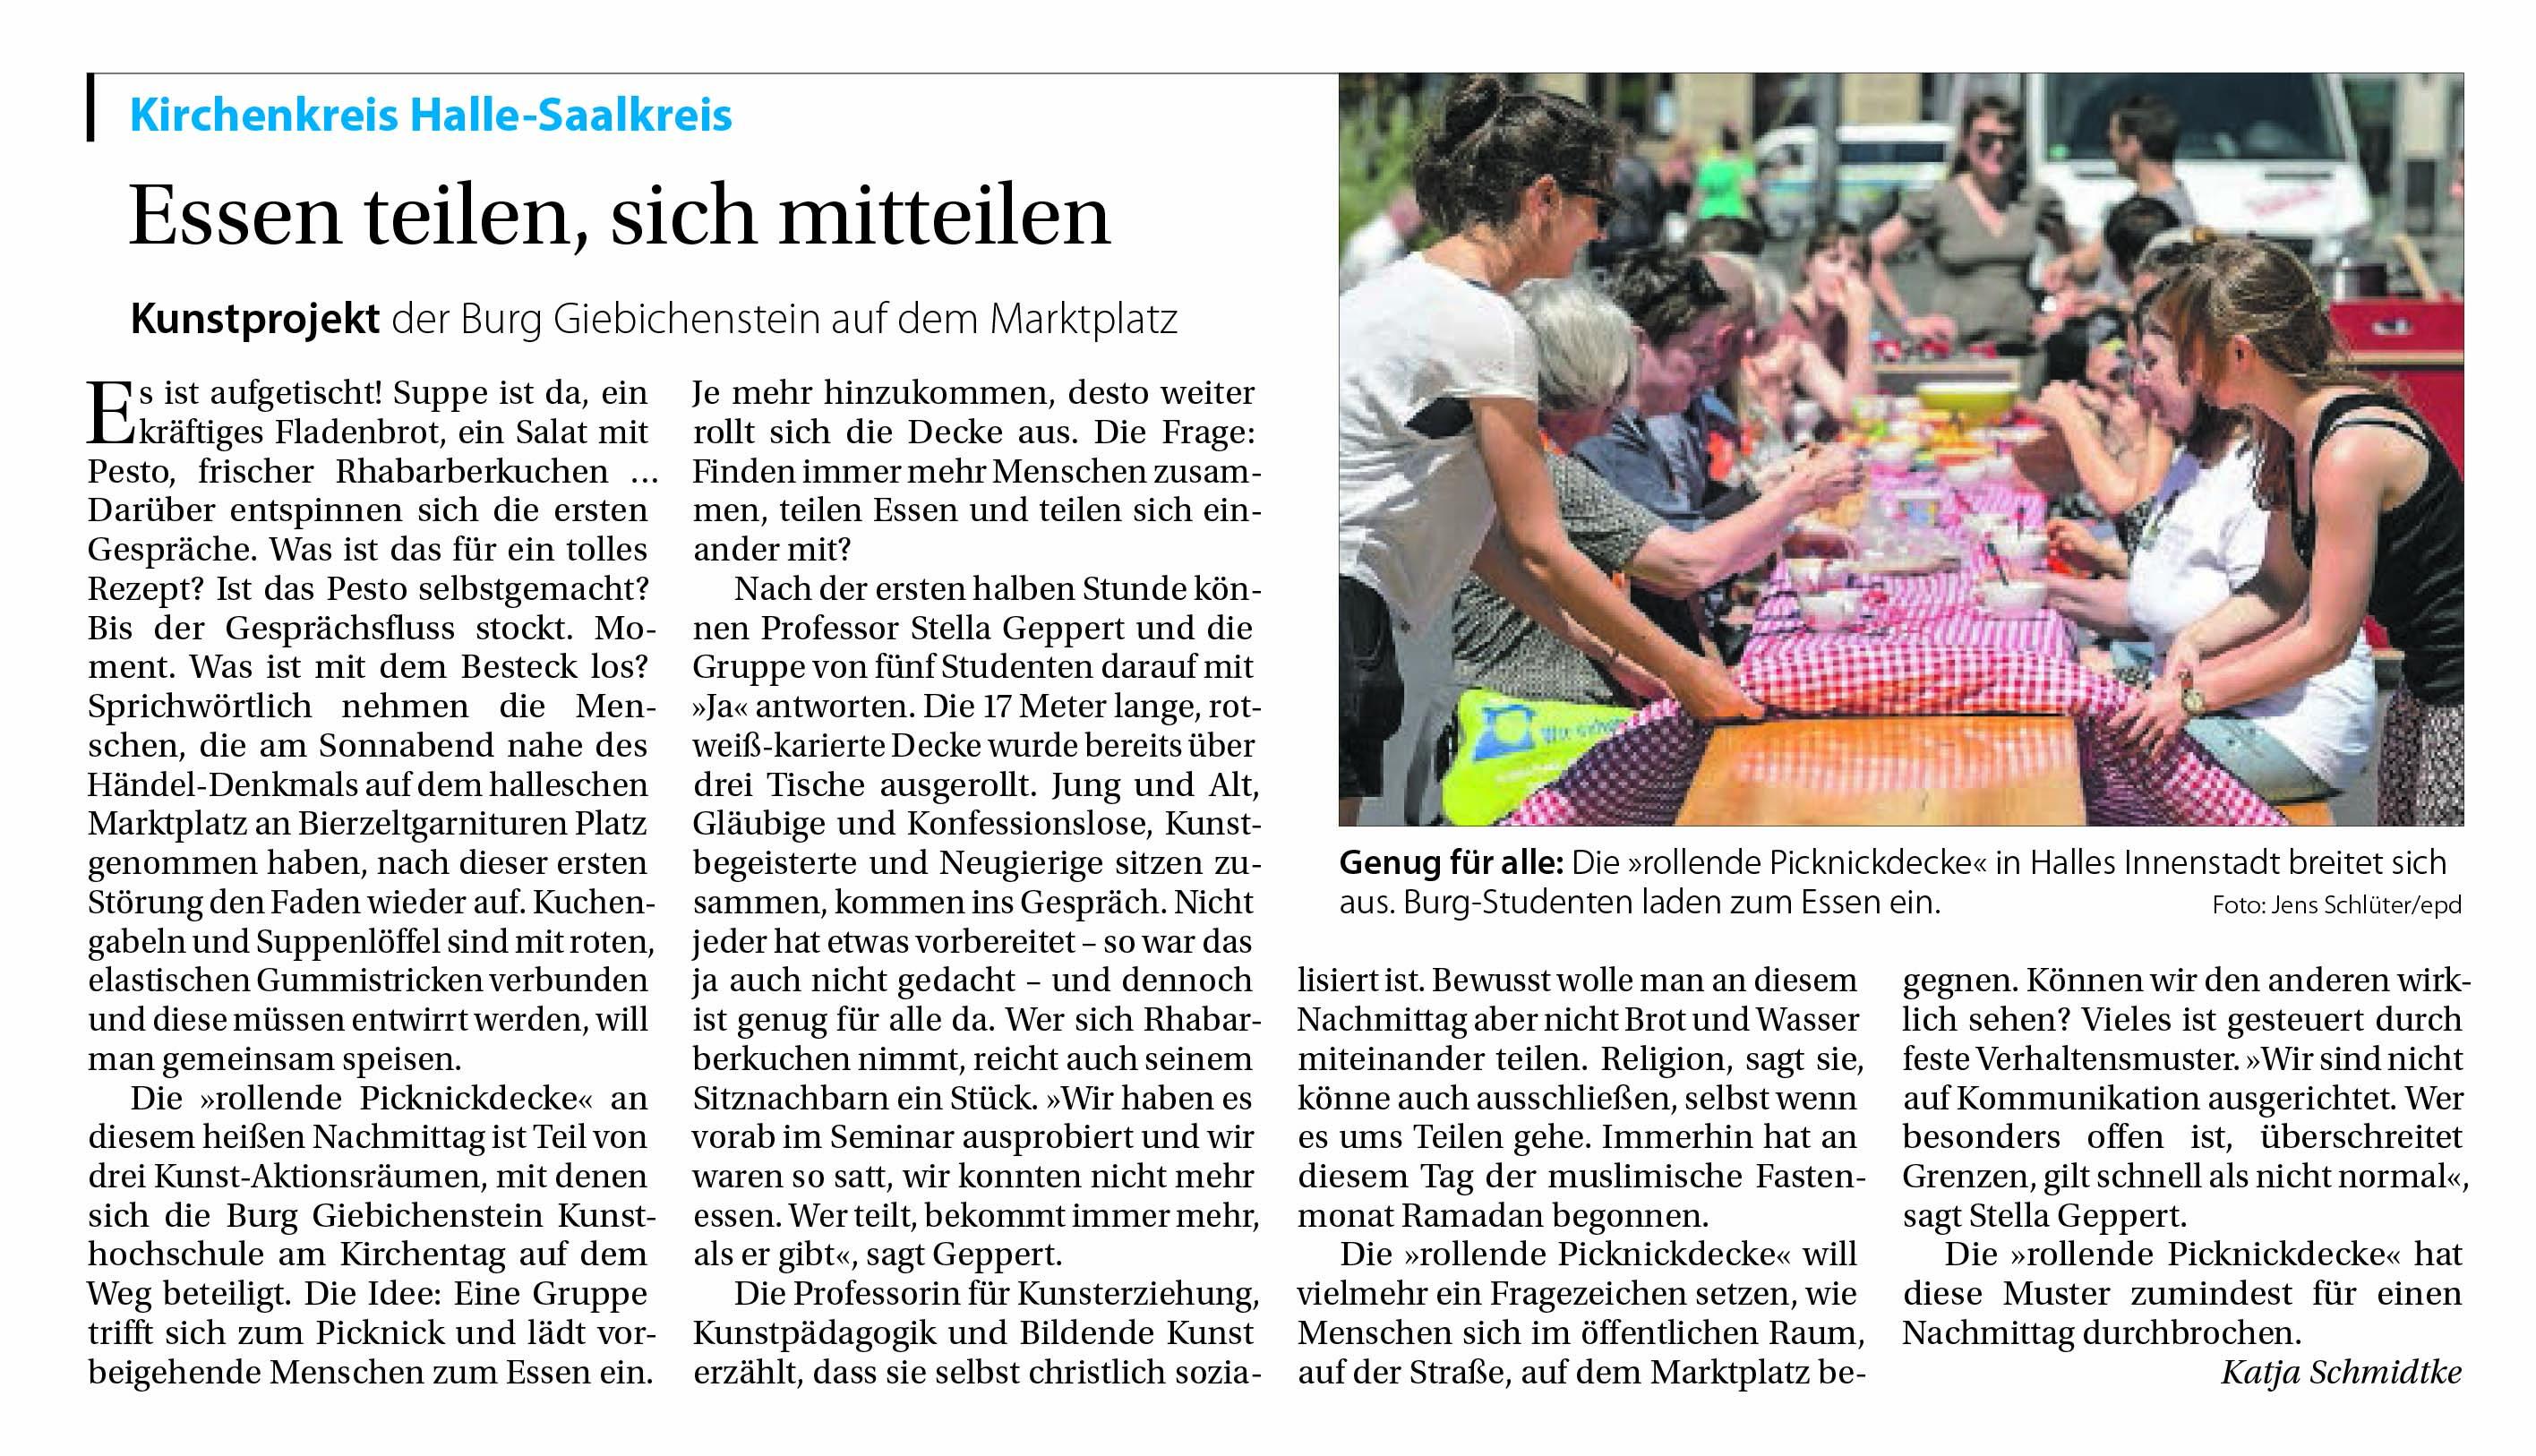 Mitteldeutsche Kirchenzeitung GLAUBE + HEIMAT (Nr. 22 vom 4. Juni 2017, S.8)